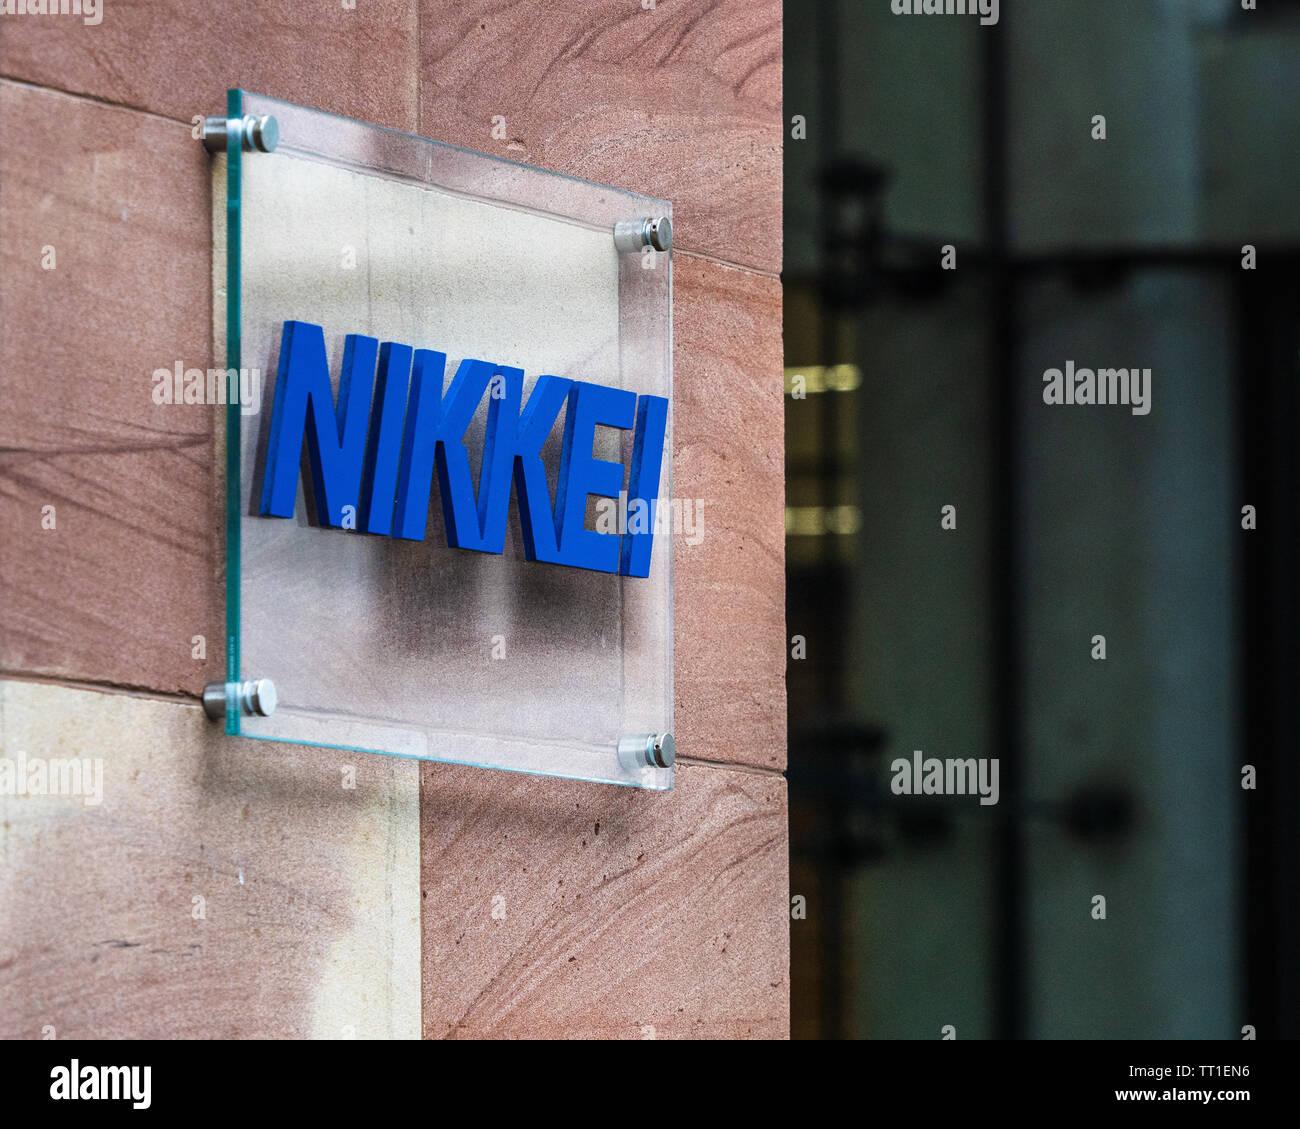 Siège social à Londres Nikkei Bracken House, également le Financial Times. Nikkei sont propriétaires du Financial Times. Siège éditorial pour la zone EMEA. Photo Stock